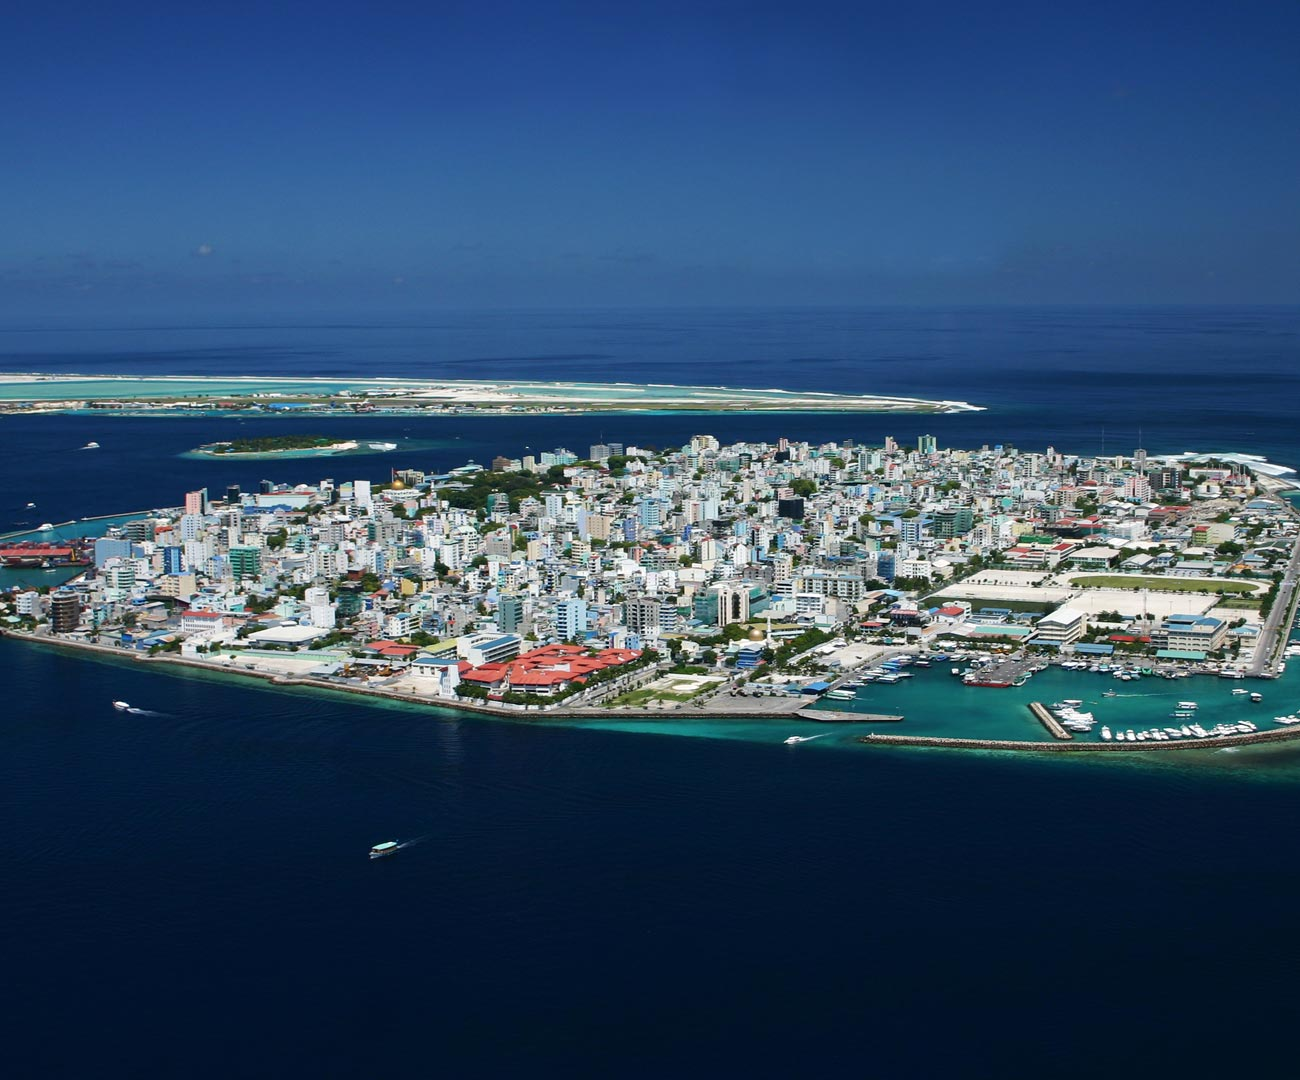 Maldives Island Excursions | Male' Tour Image | Kurumba Maldives